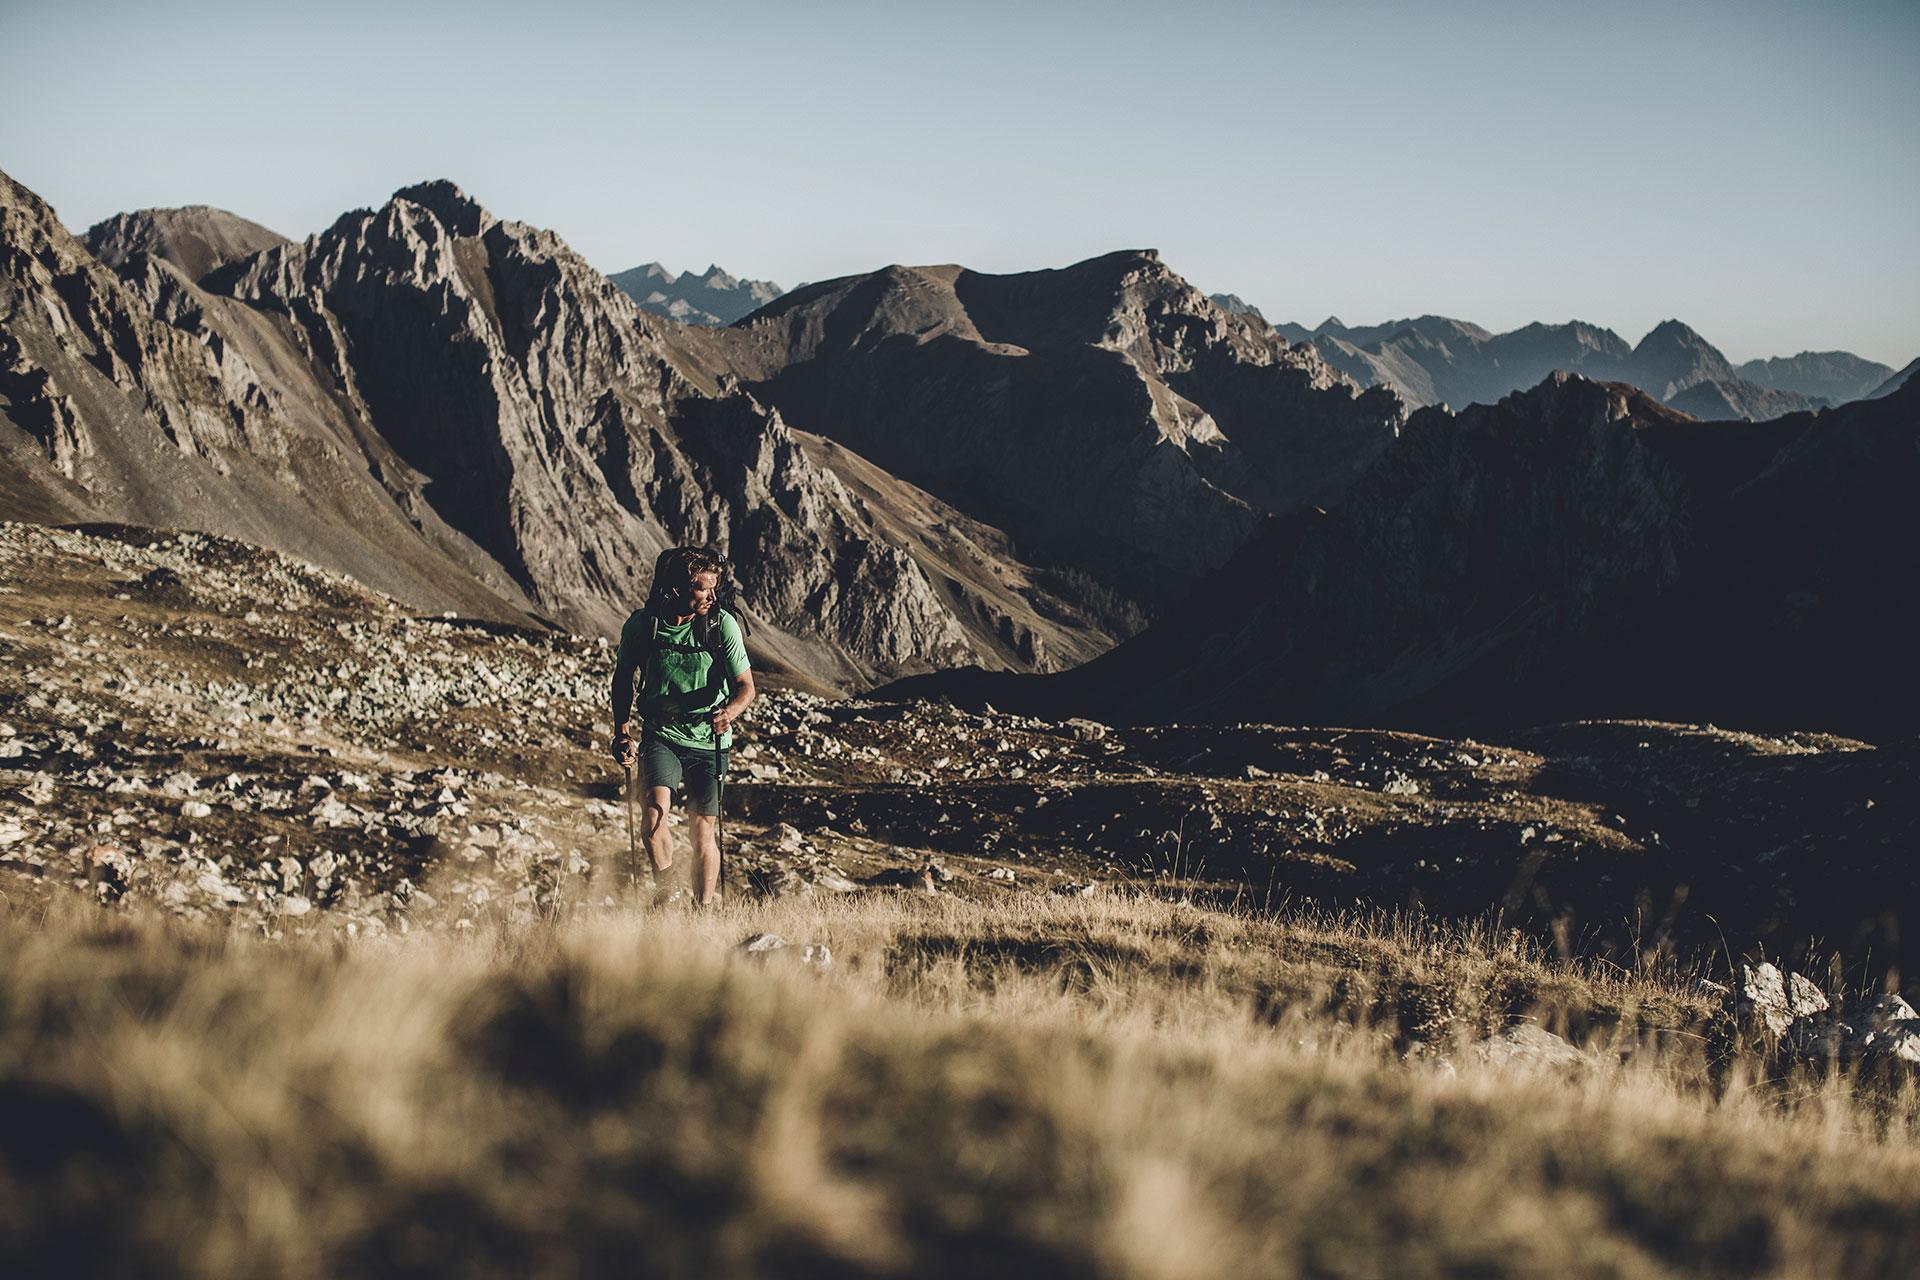 sportfotografie outdoor wandern trekking schoeffel berge piemont deutschland stuttgart